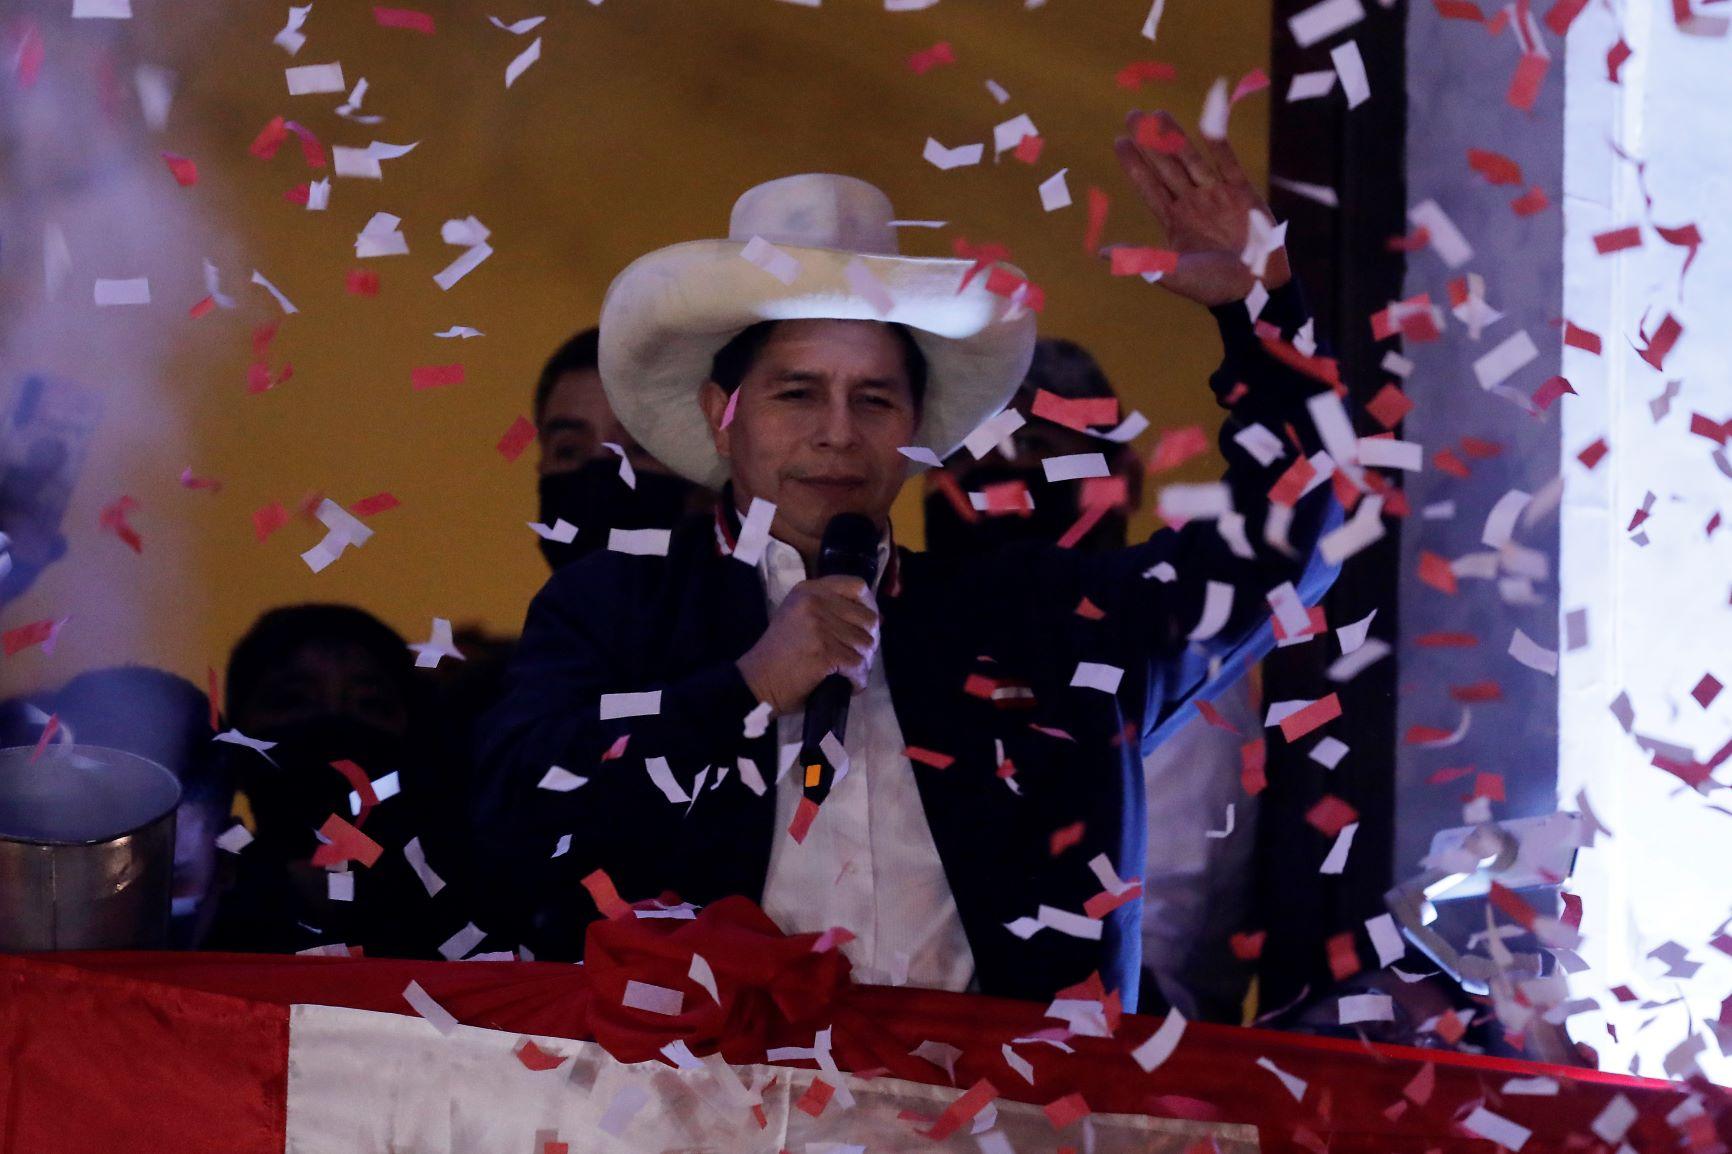 (国际)(1)佩德罗·卡斯蒂略在秘鲁总统-FZ00034878859.JPG